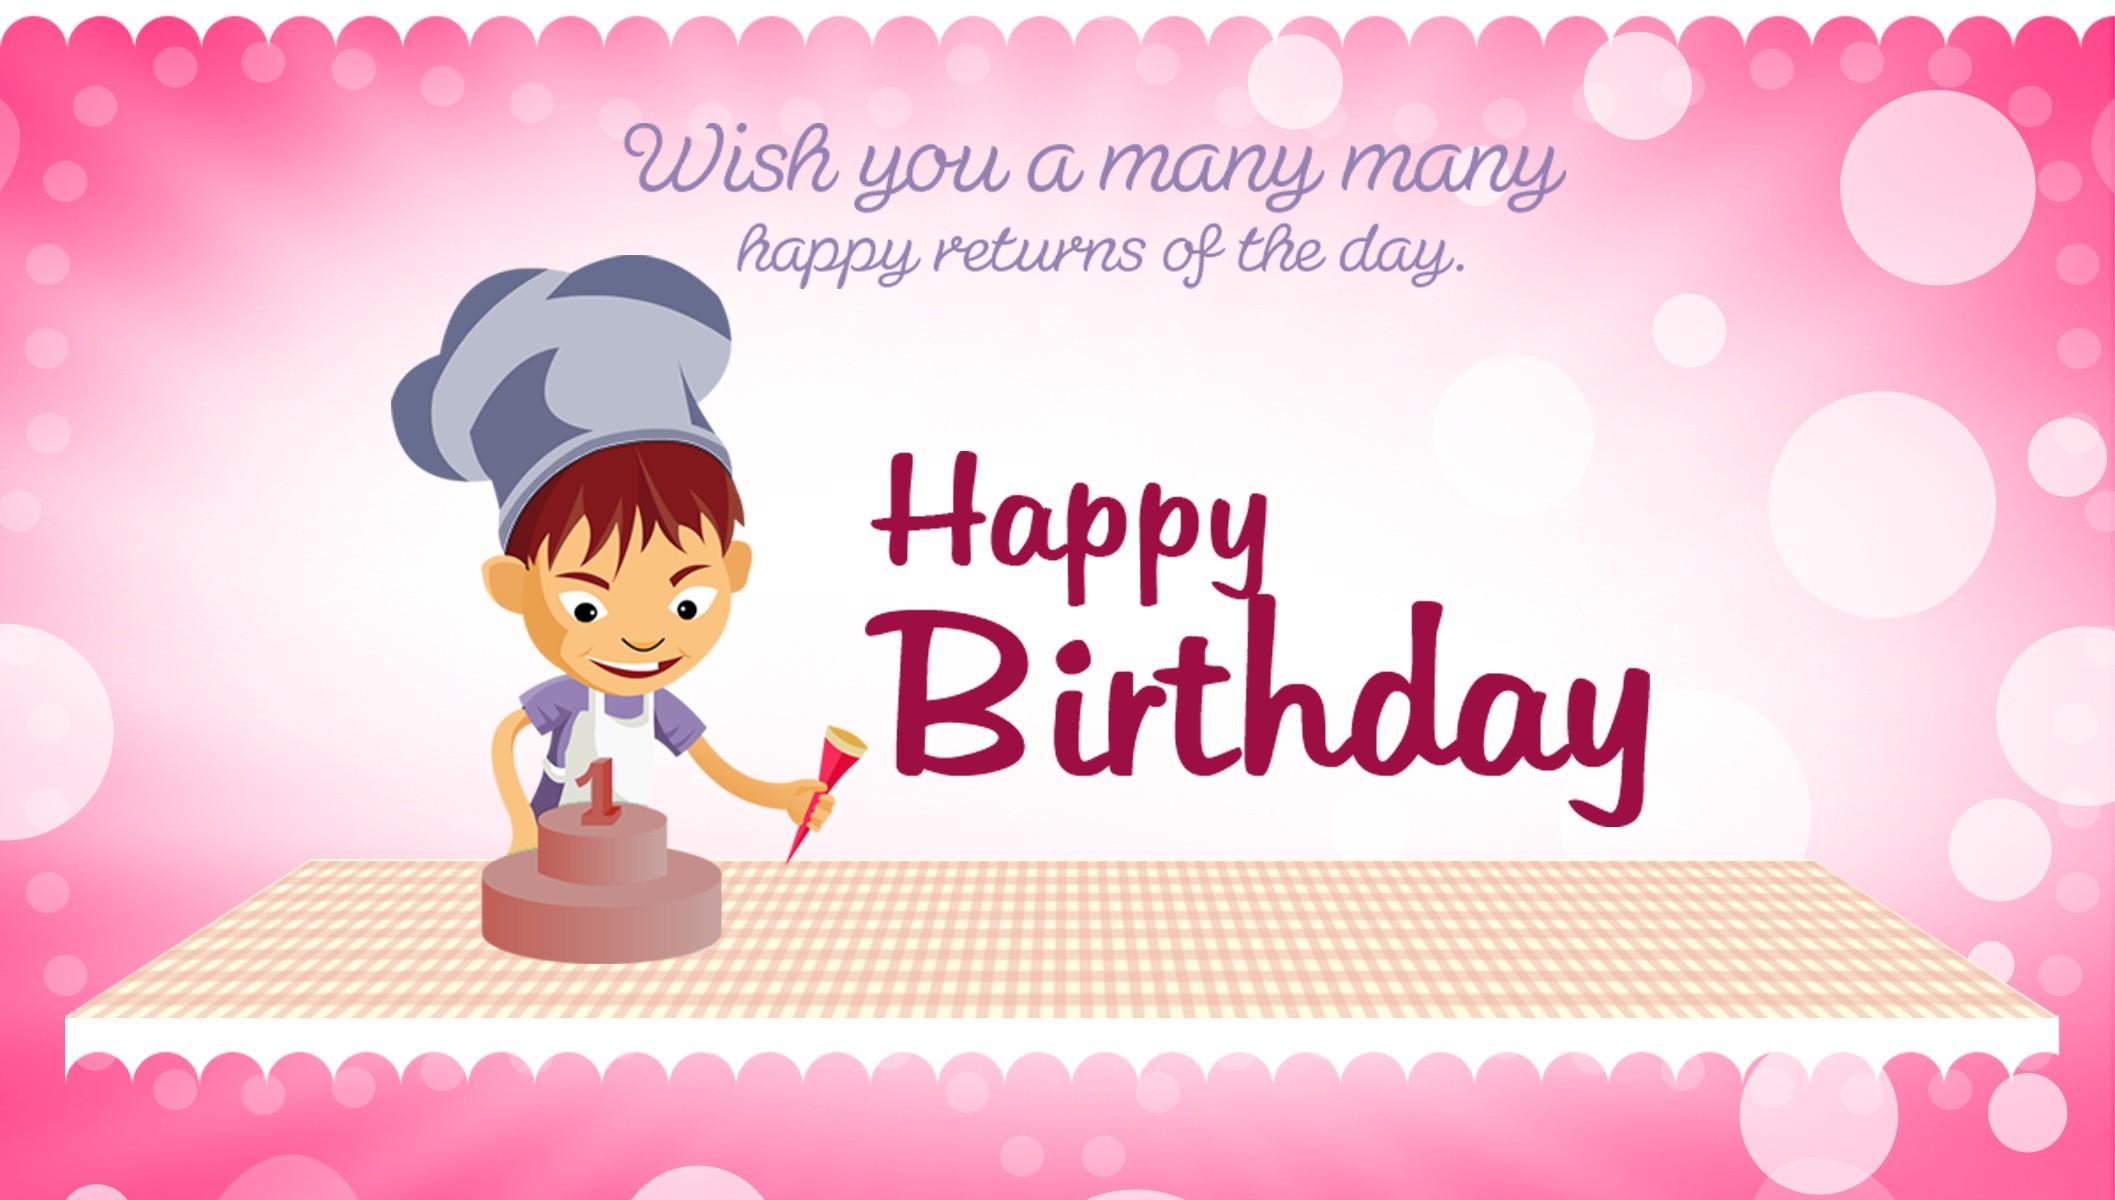 بالصور كلمات لعيد ميلاد حبيبي فيس بوك , ارق الكلمات لعيد ميلاد حبيبى على الفيس بوك 3552 4